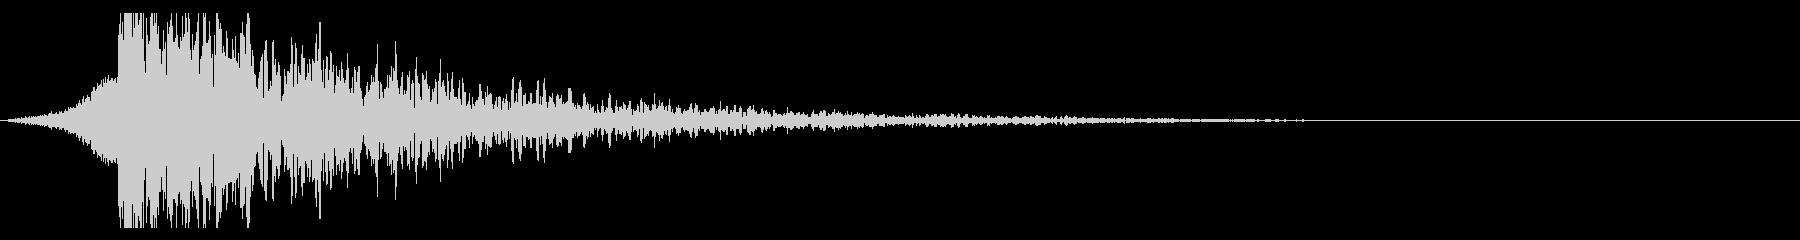 シュードーン-22-3(インパクト音)の未再生の波形